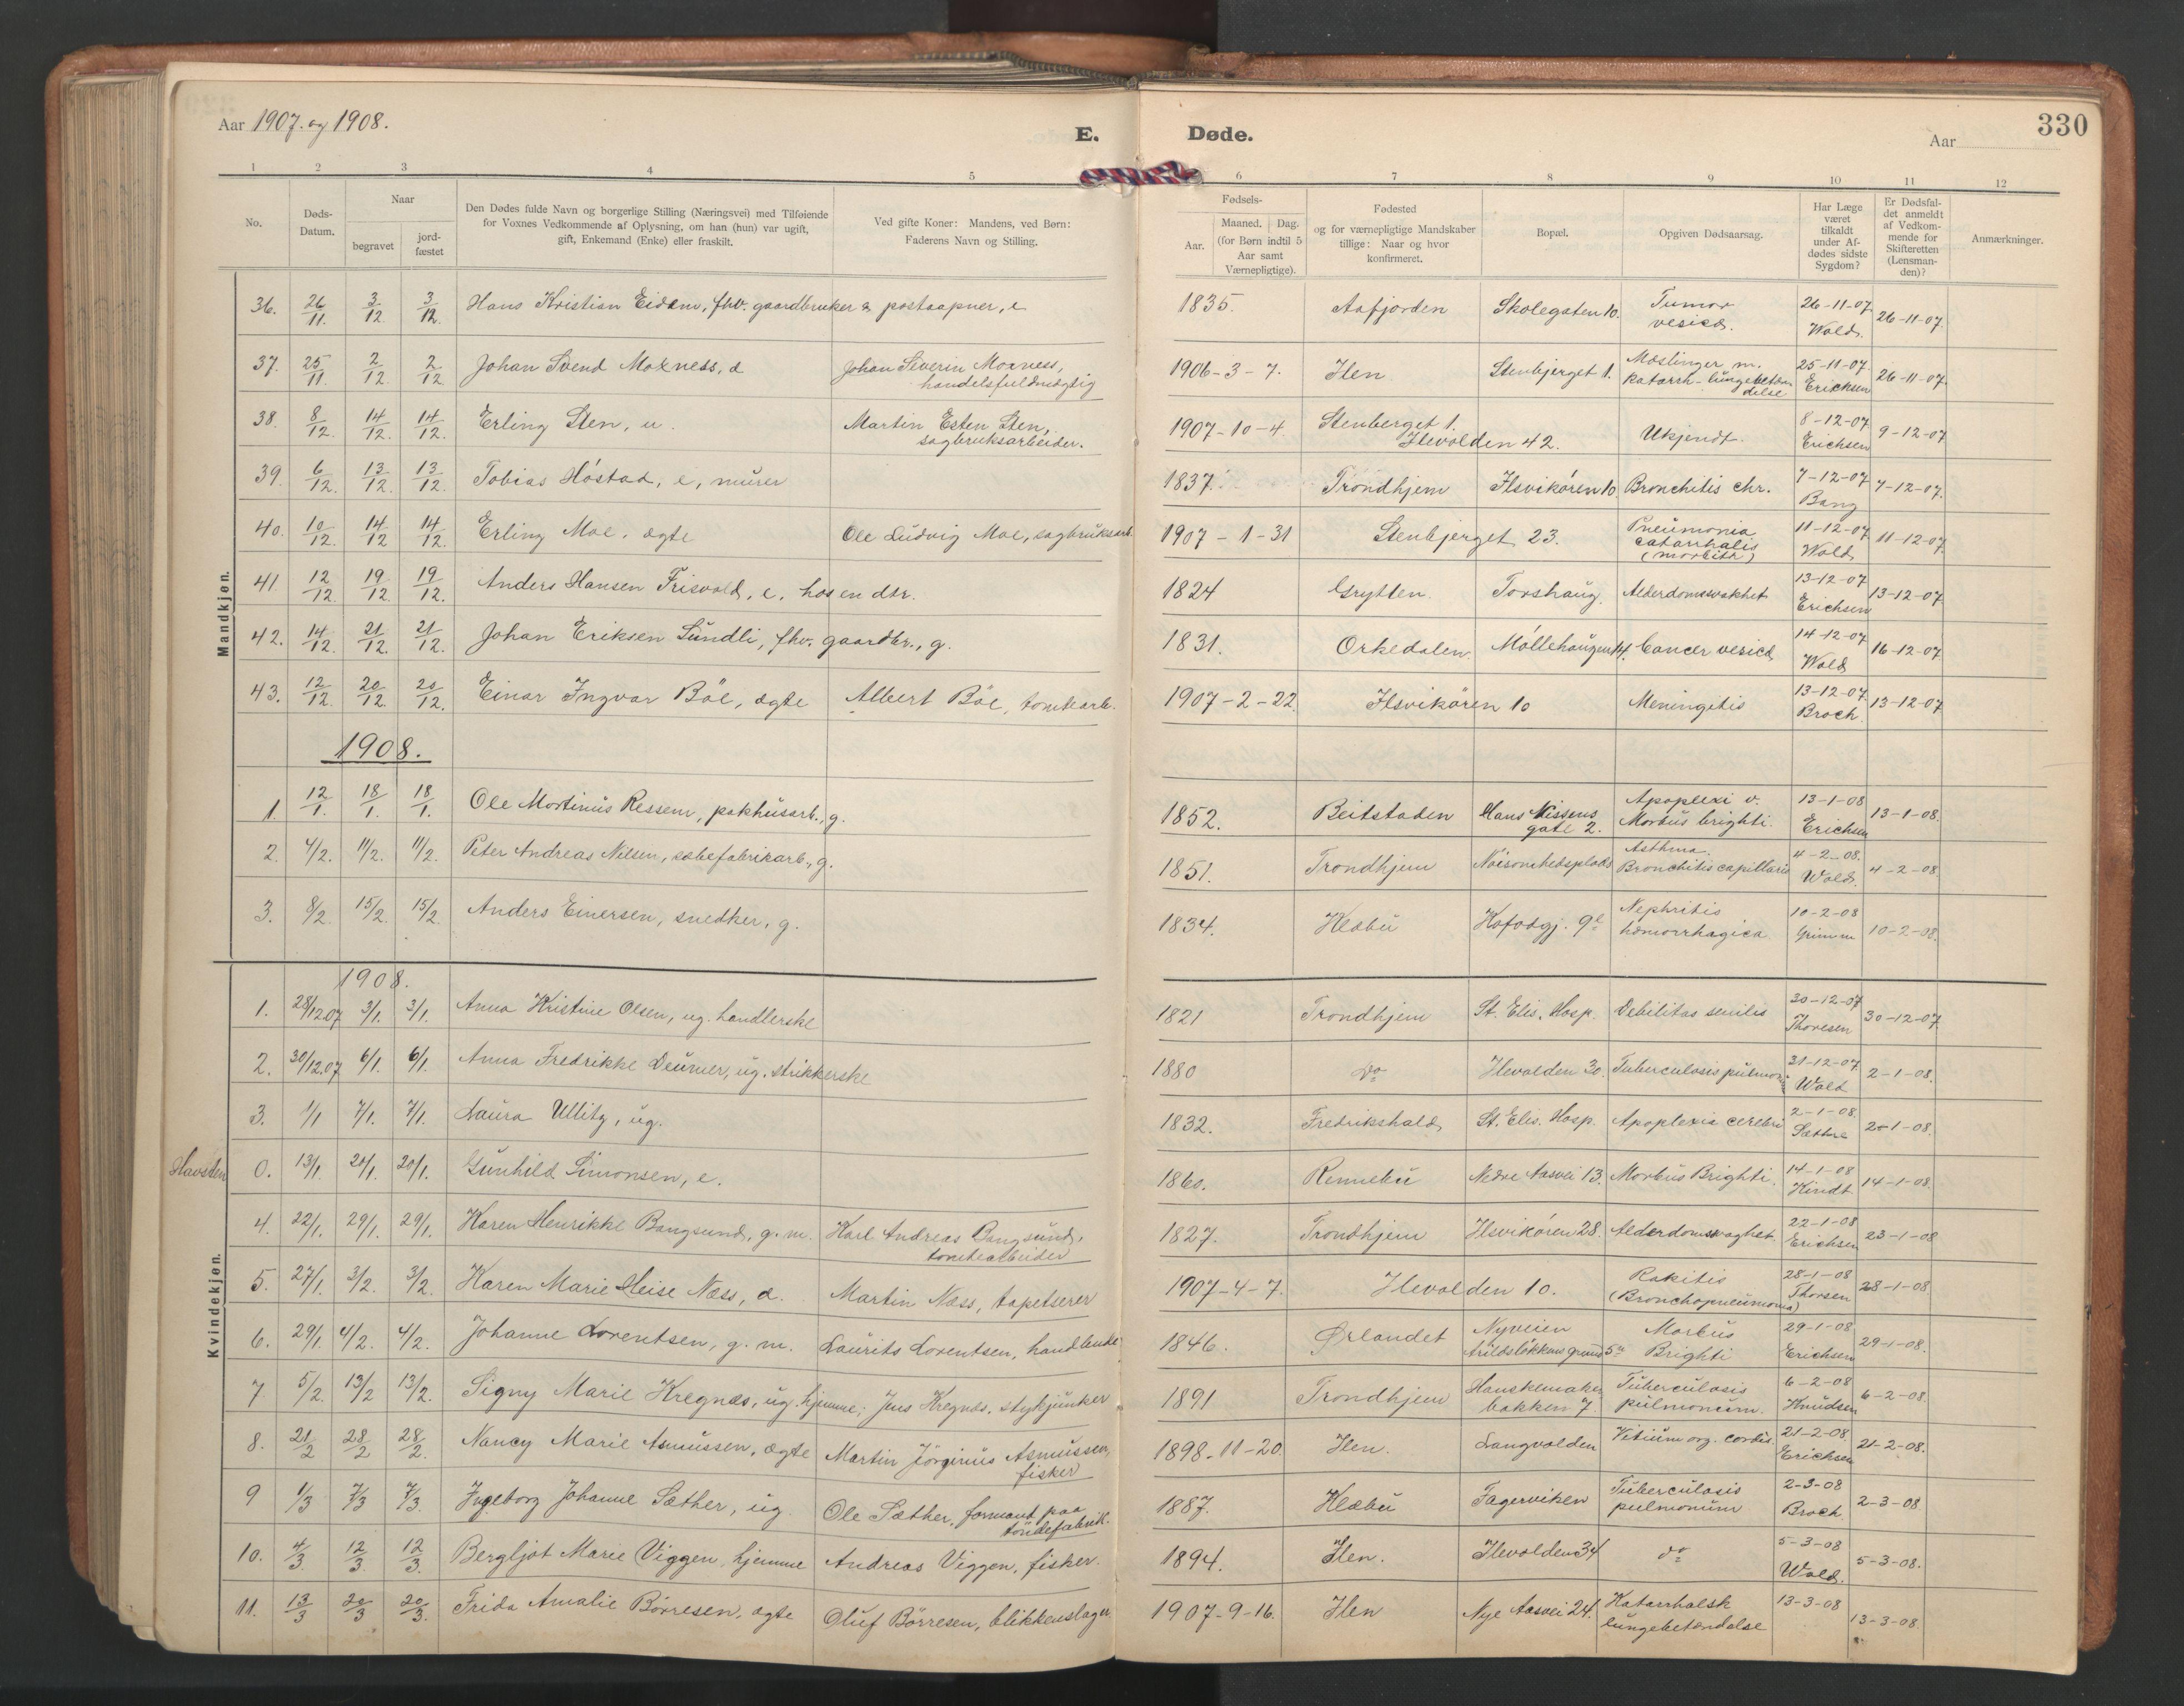 SAT, Ministerialprotokoller, klokkerbøker og fødselsregistre - Sør-Trøndelag, 603/L0173: Klokkerbok nr. 603C01, 1907-1962, s. 330